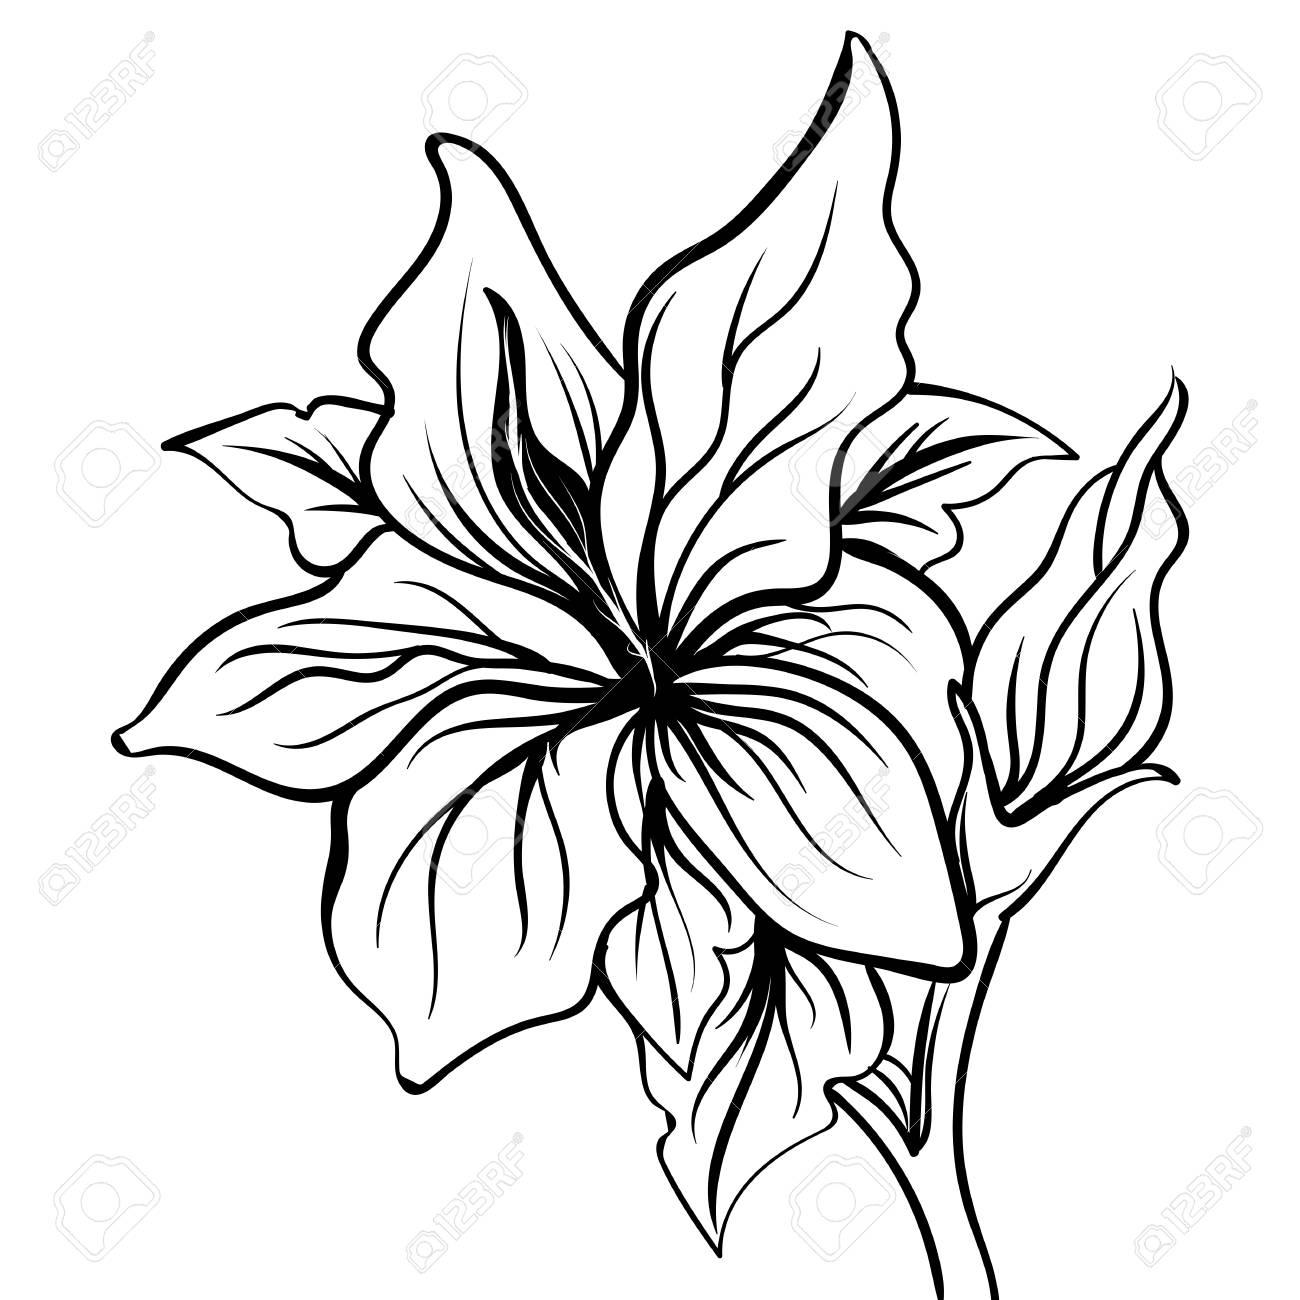 Dibujo Boceto Del Lirio De Una Flor De Lis Mano Dibujar La